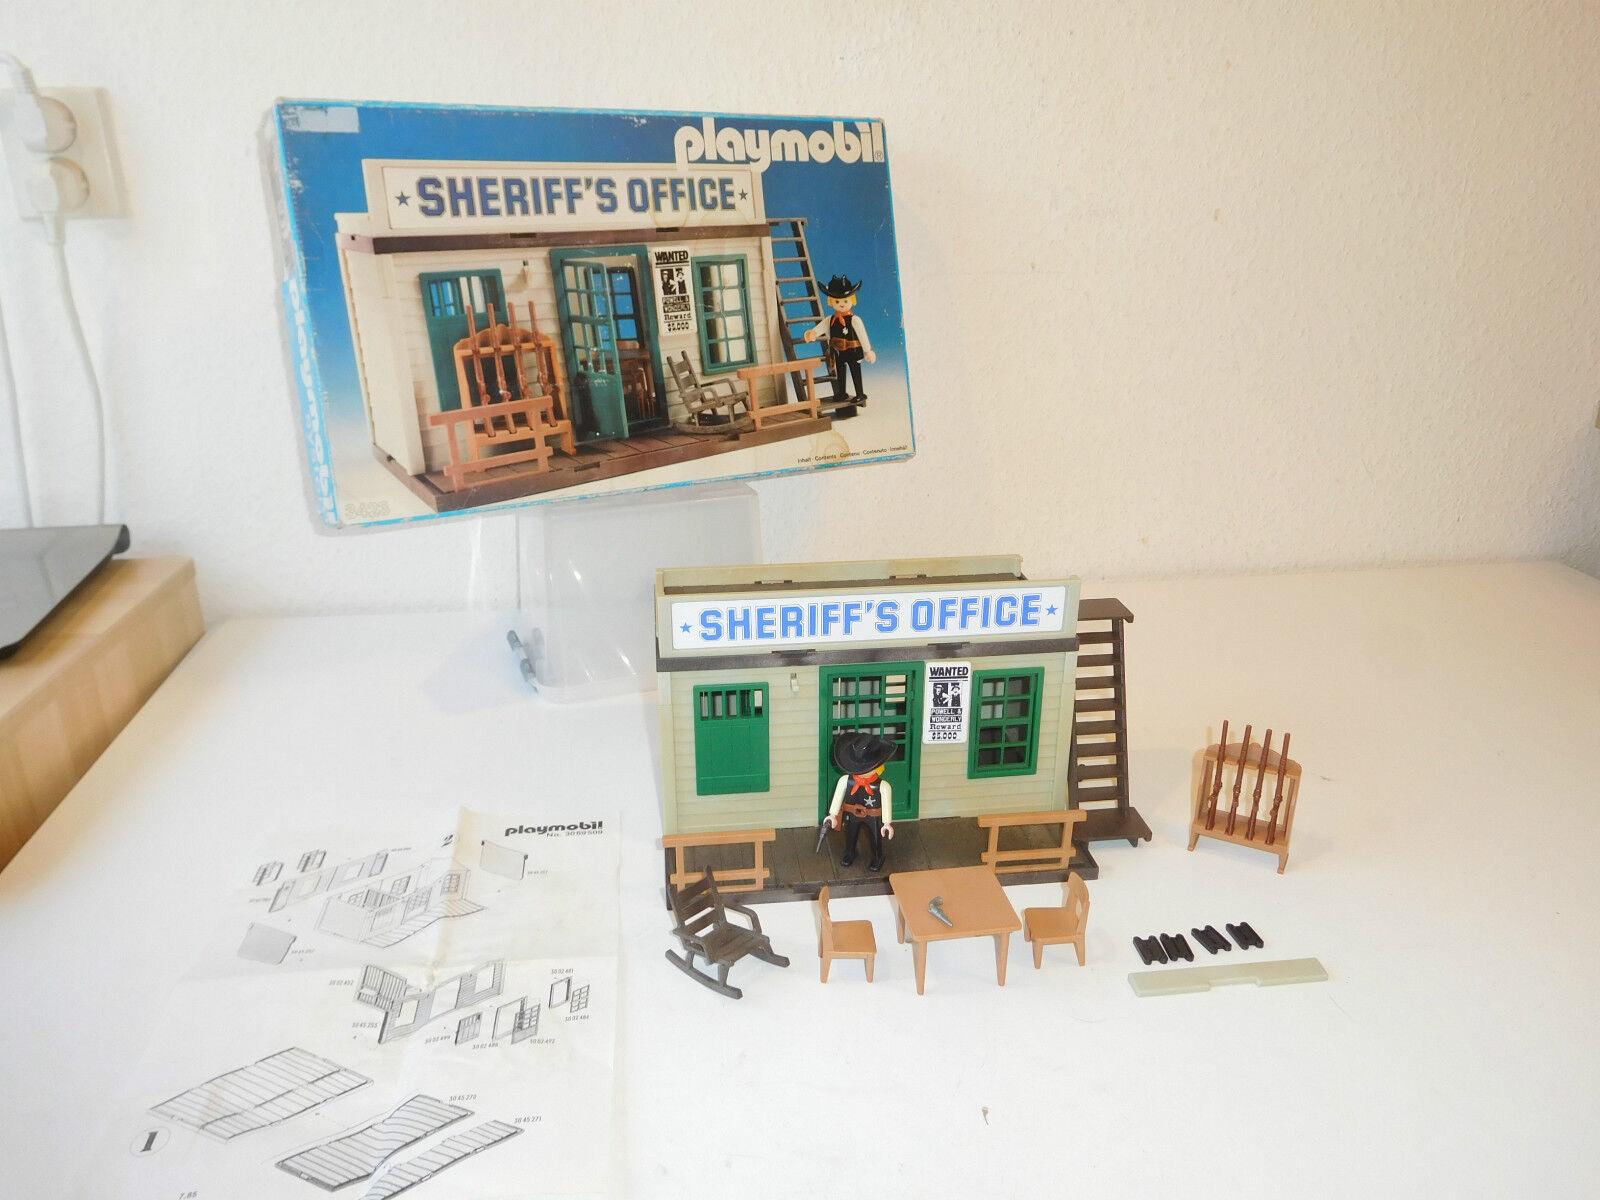 Western Playmobil sherrif's sherrif's sherrif's office 3423 ovp version 3 (3) 9e219a